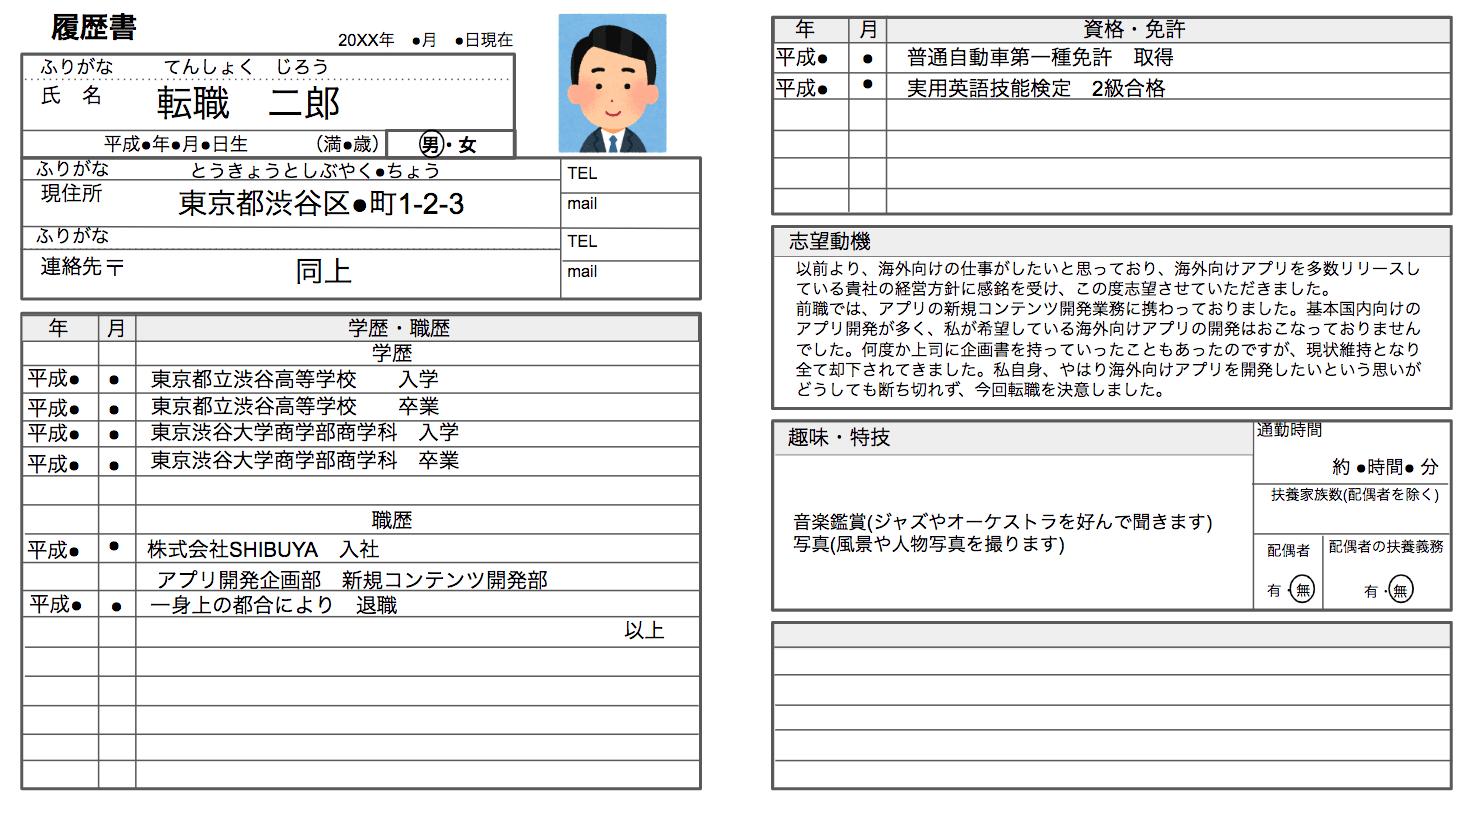 マイナビ転職エージェント 履歴書作成